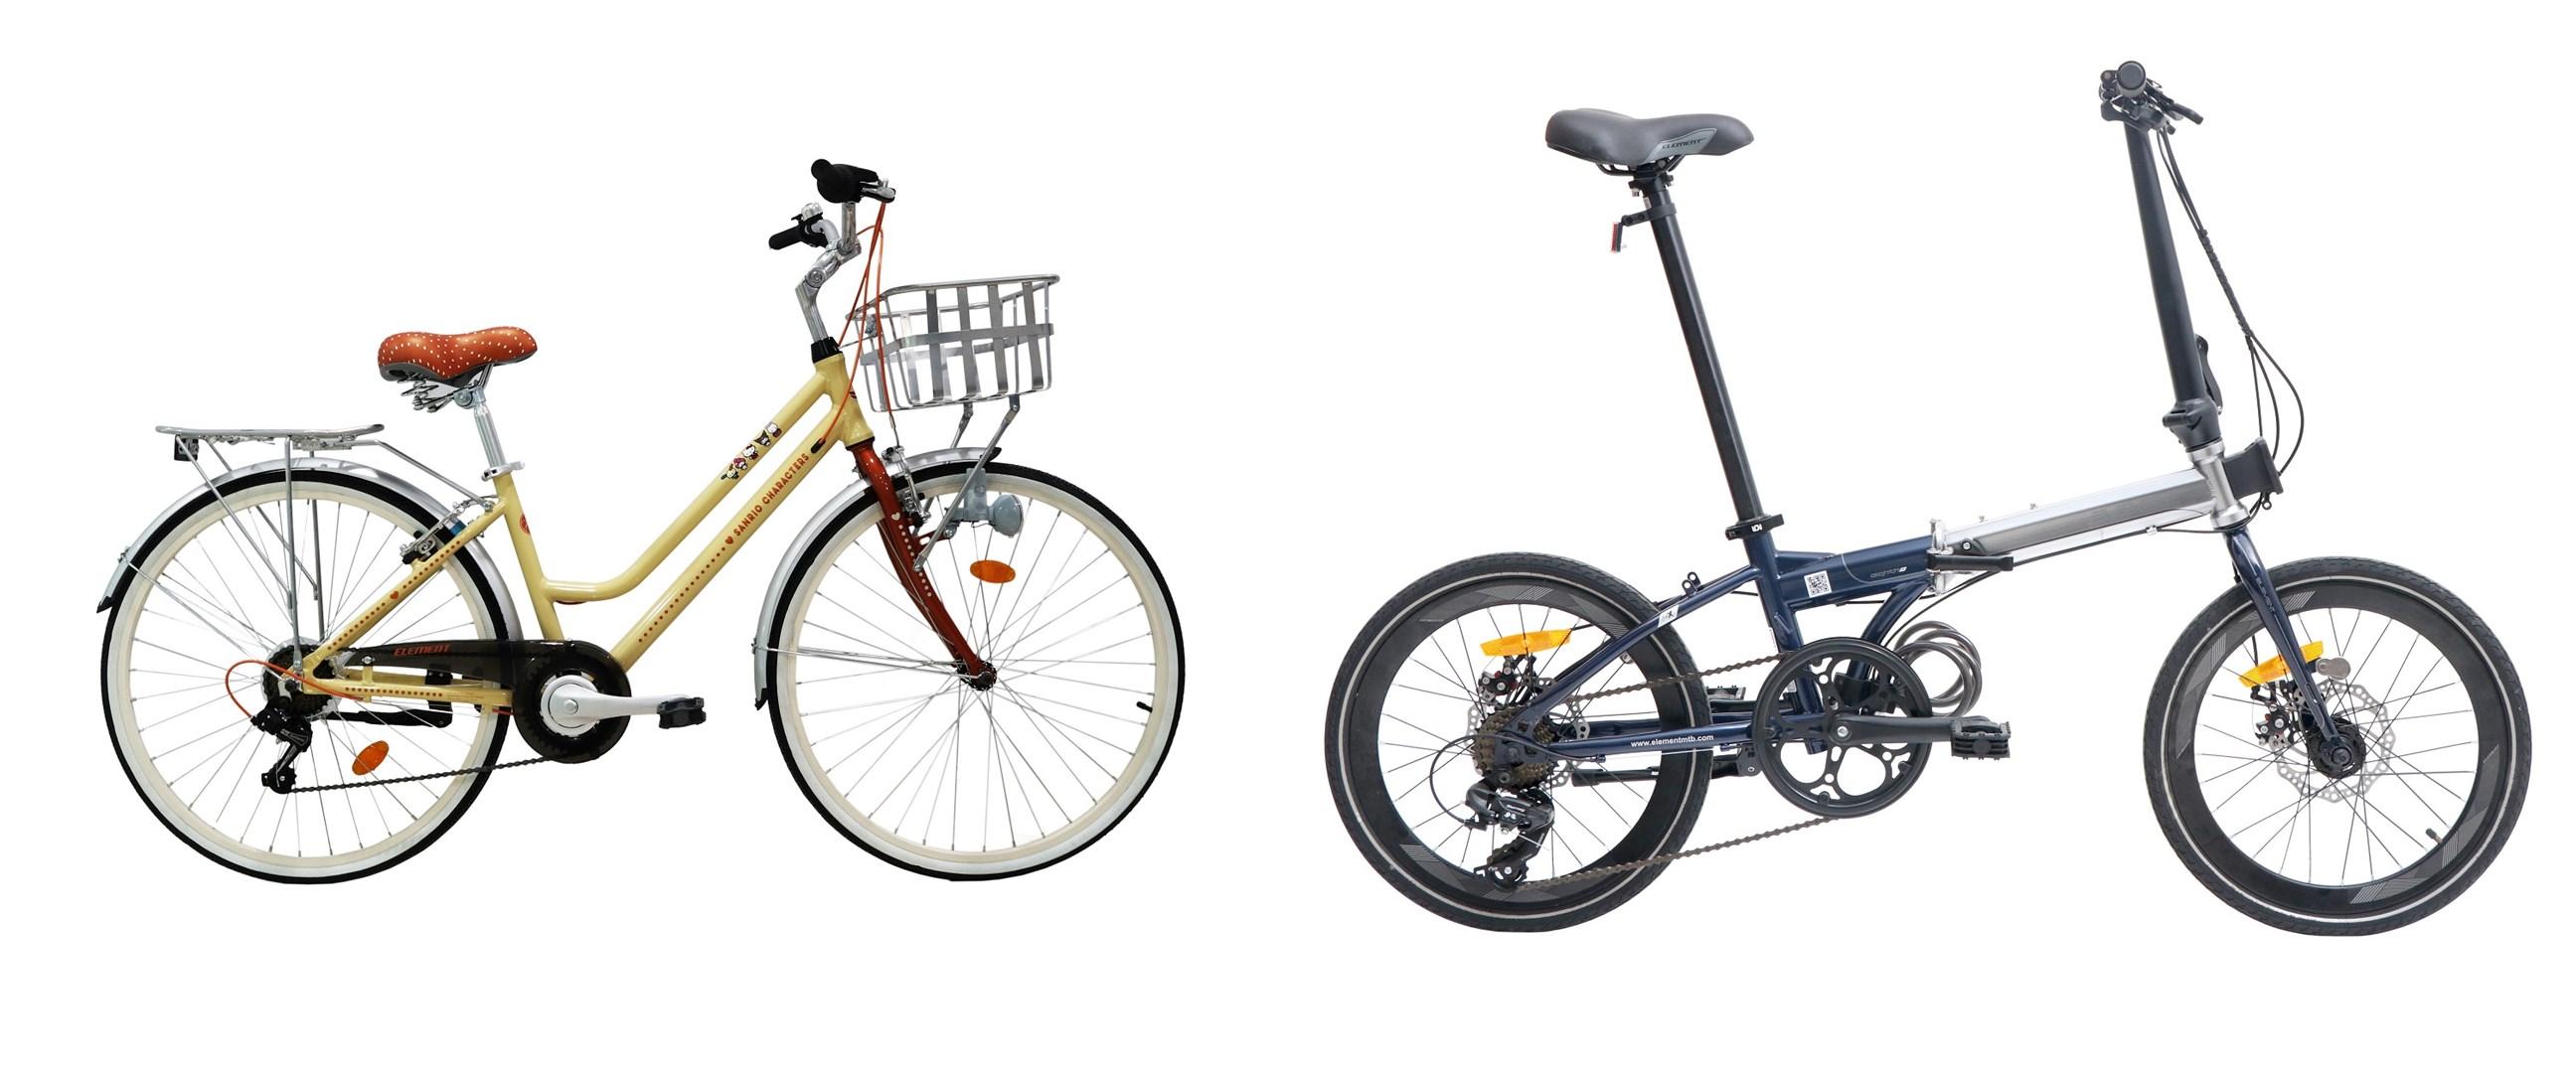 Harga sepeda urban Element di bawah Rp 3 juta dan spesifikasinya